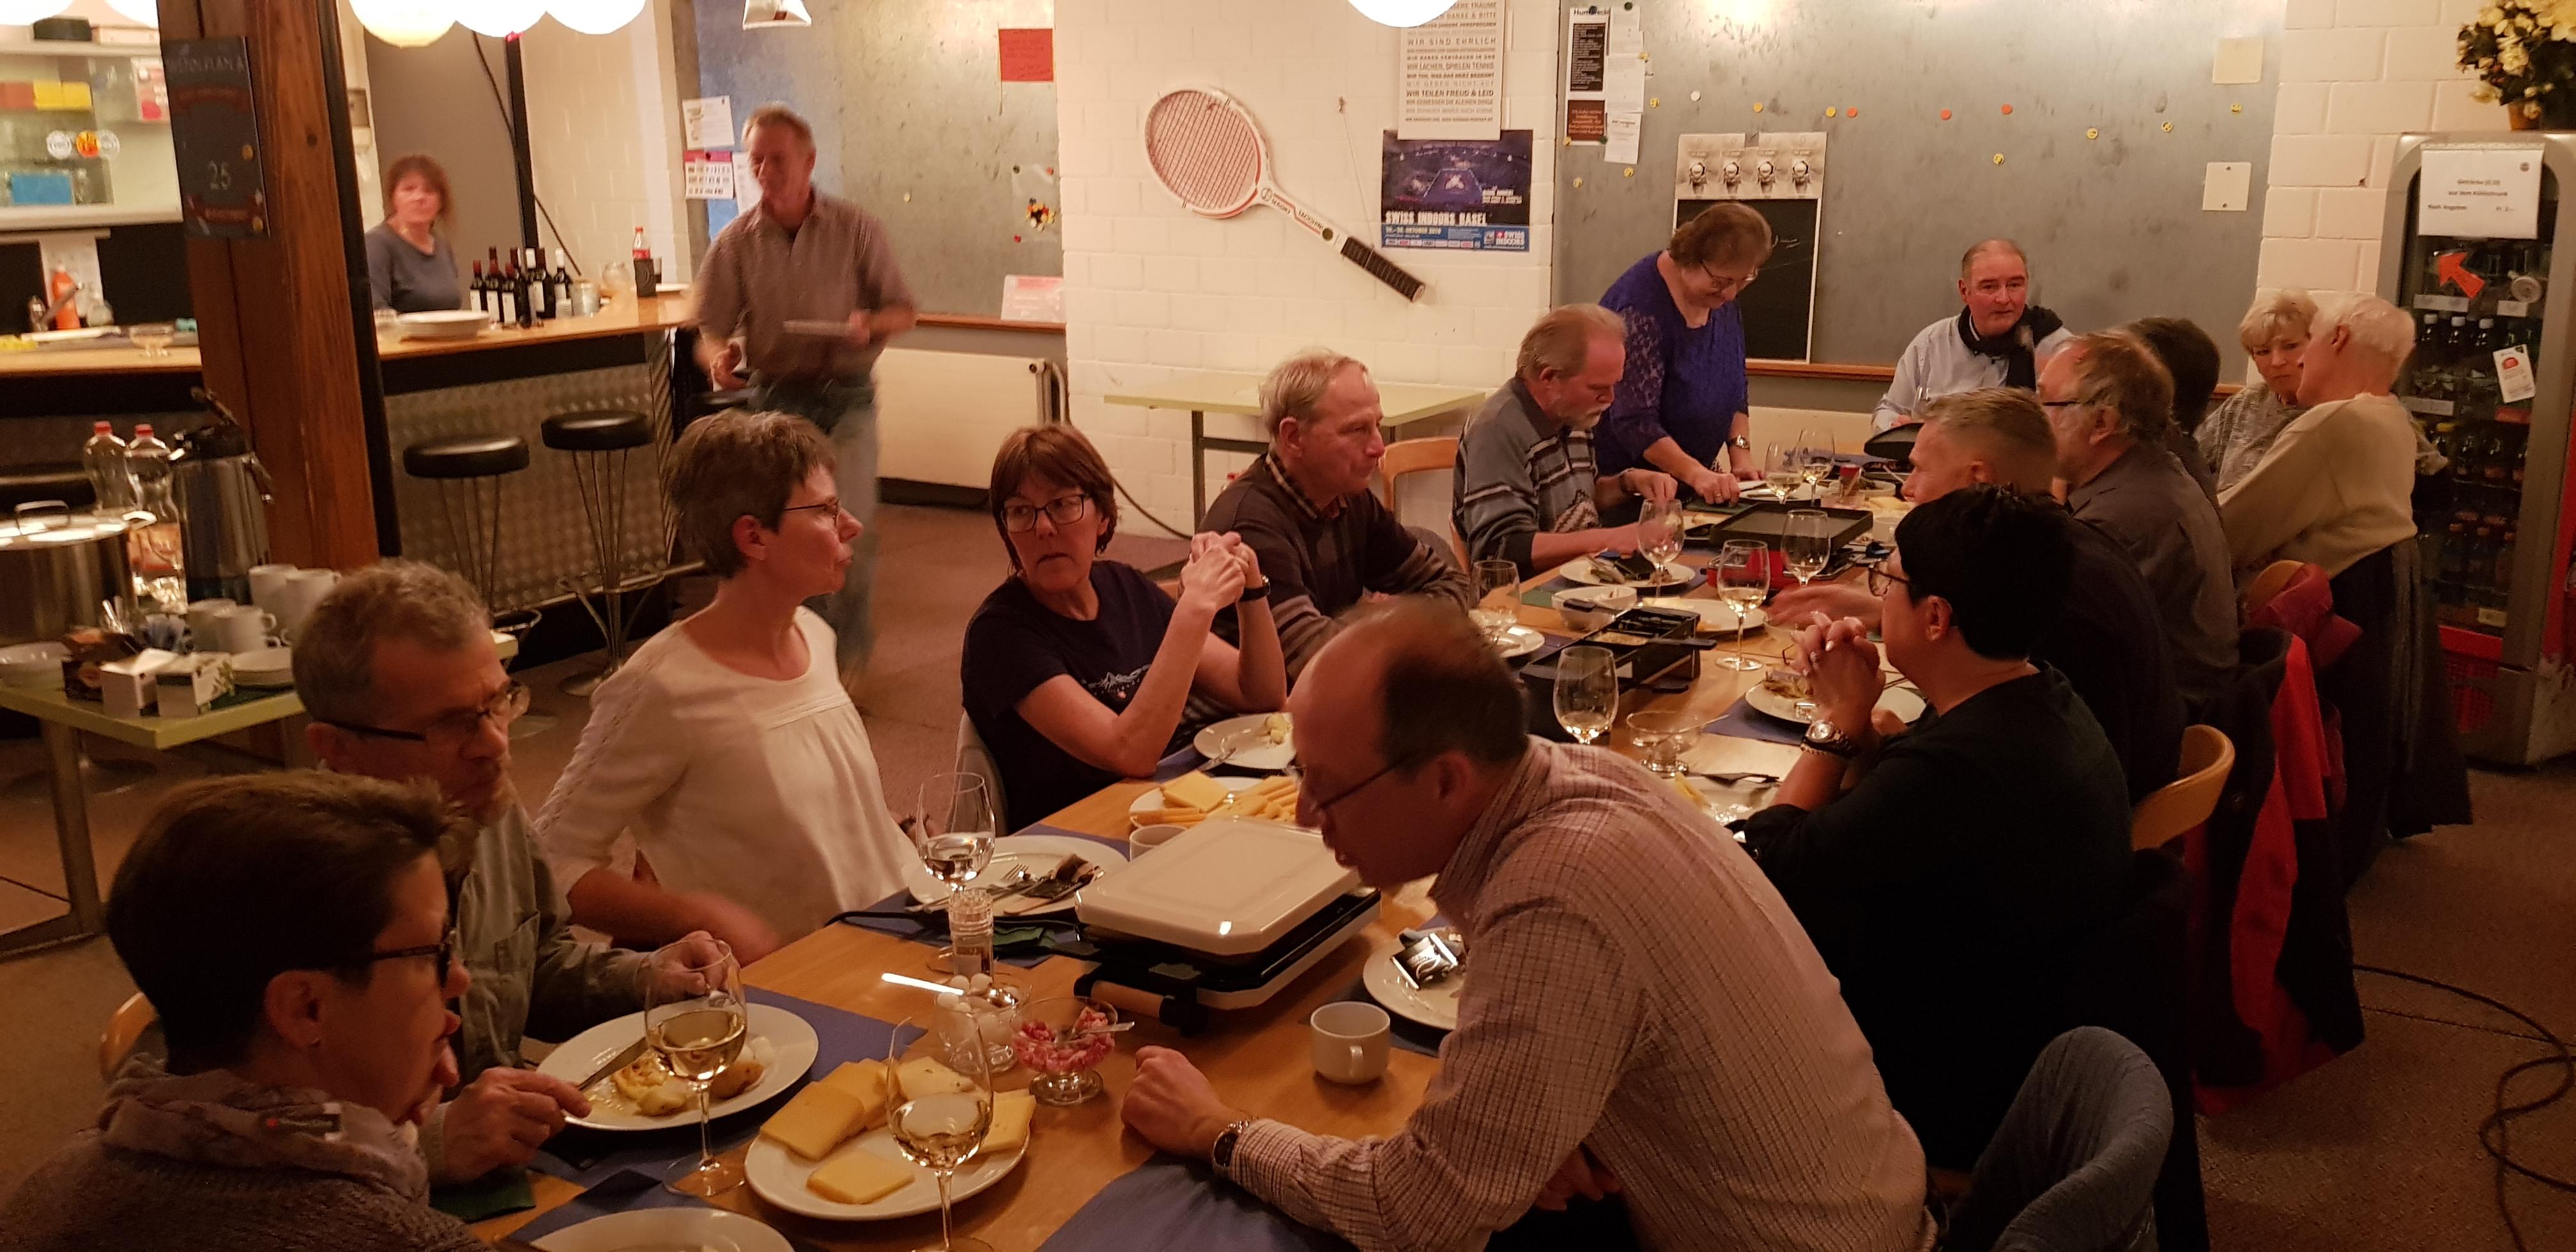 09.02.2019 Racletteplausch mit Jass